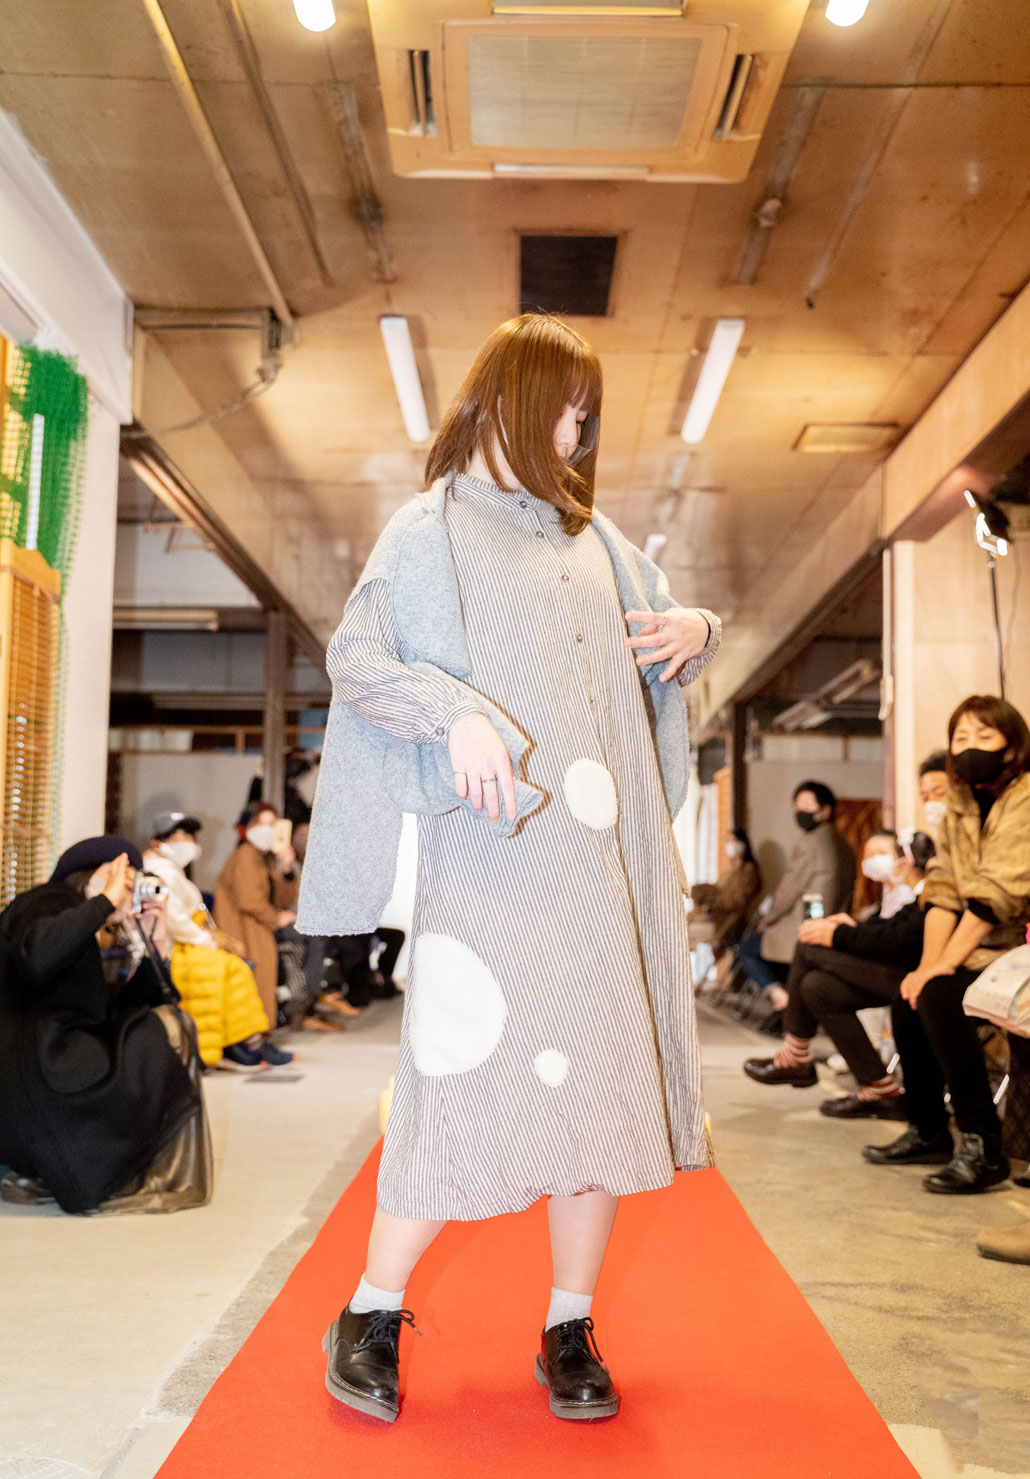 「ねこのしっぽのオンリーワンアイテム LIVE」女性モデルの画像3